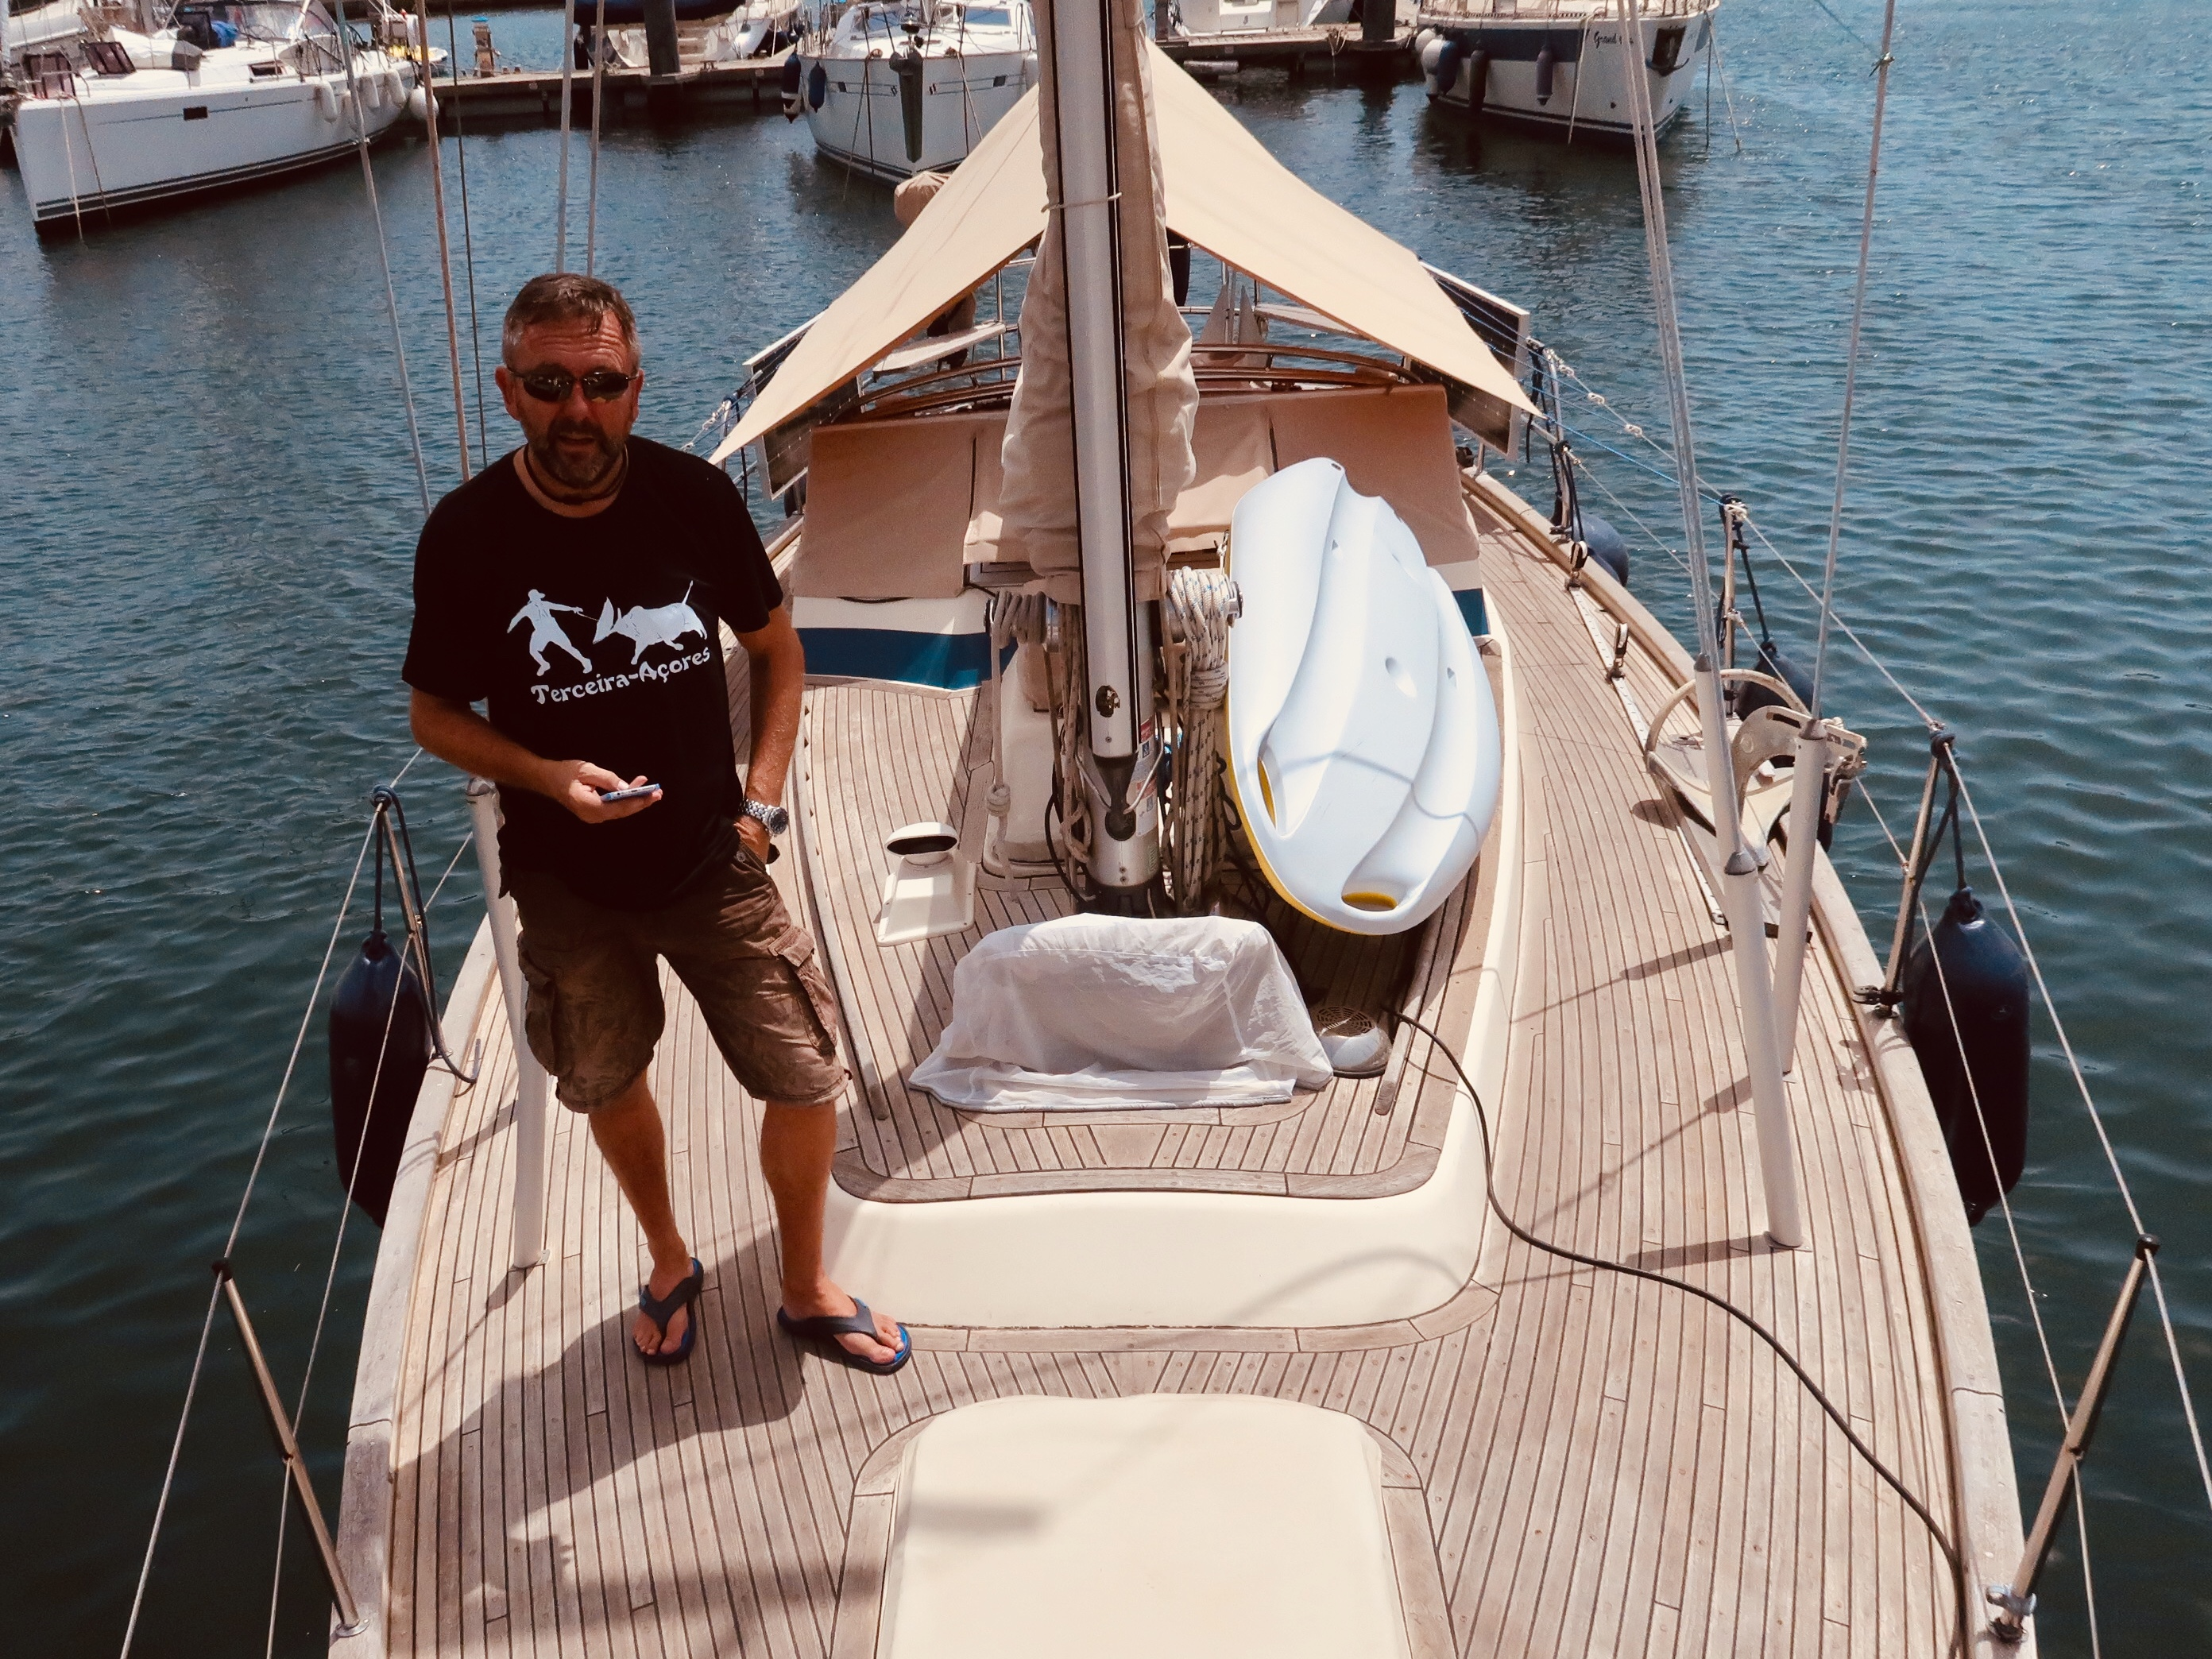 Barco Tatsu